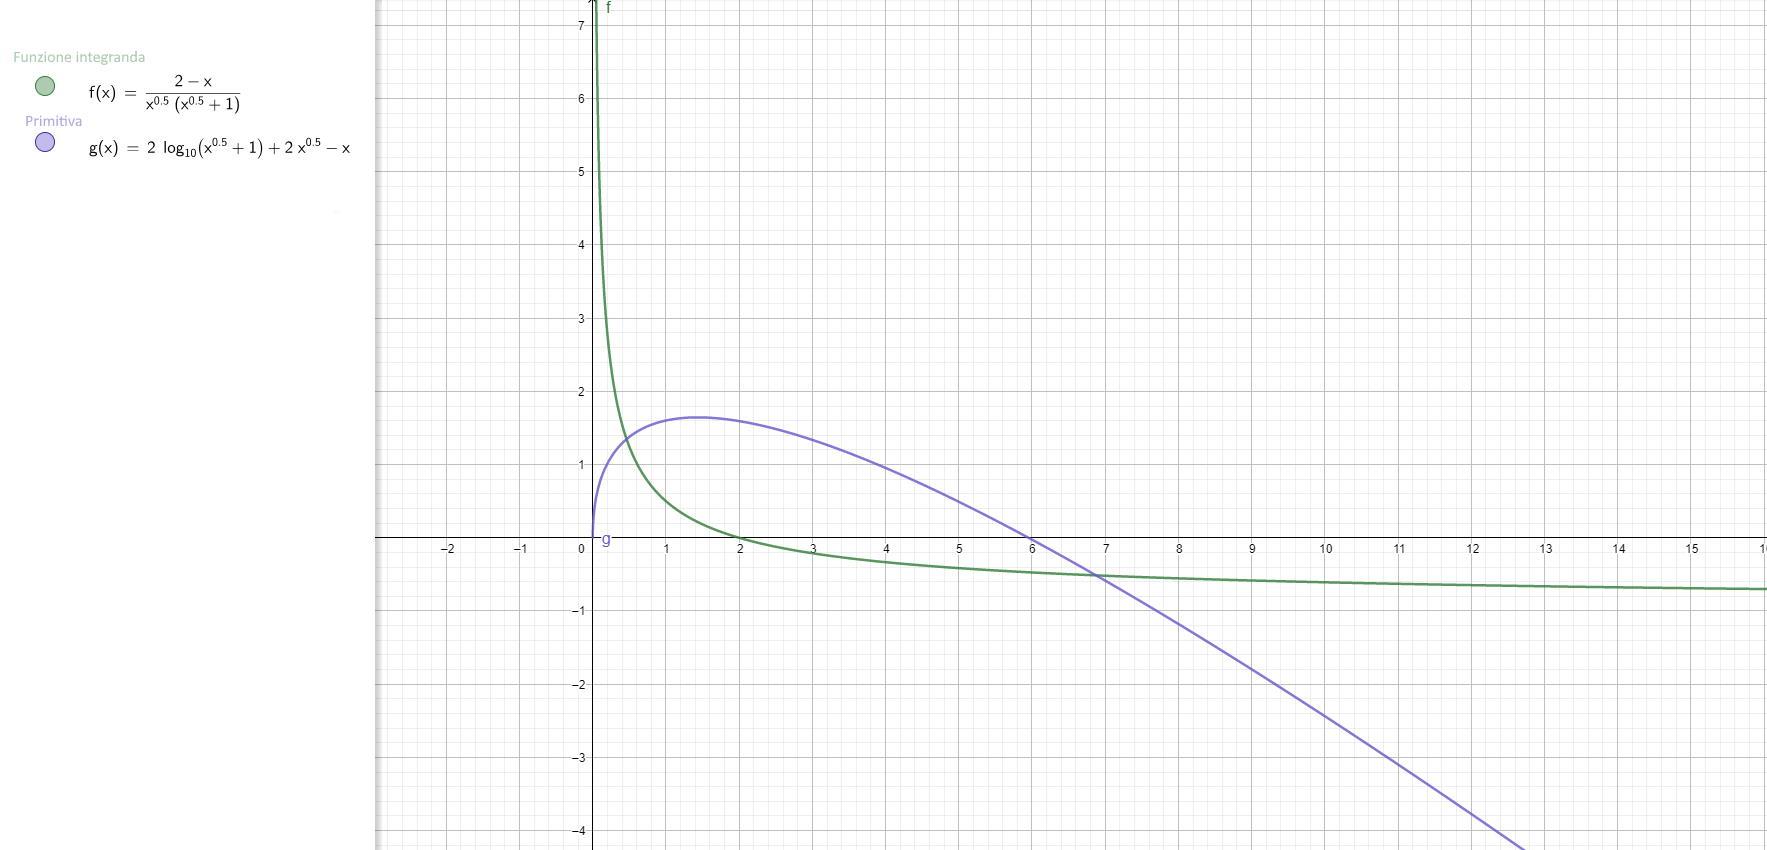 Integrale indefinito - Grafico della funzione integranda e della primitiva - II008